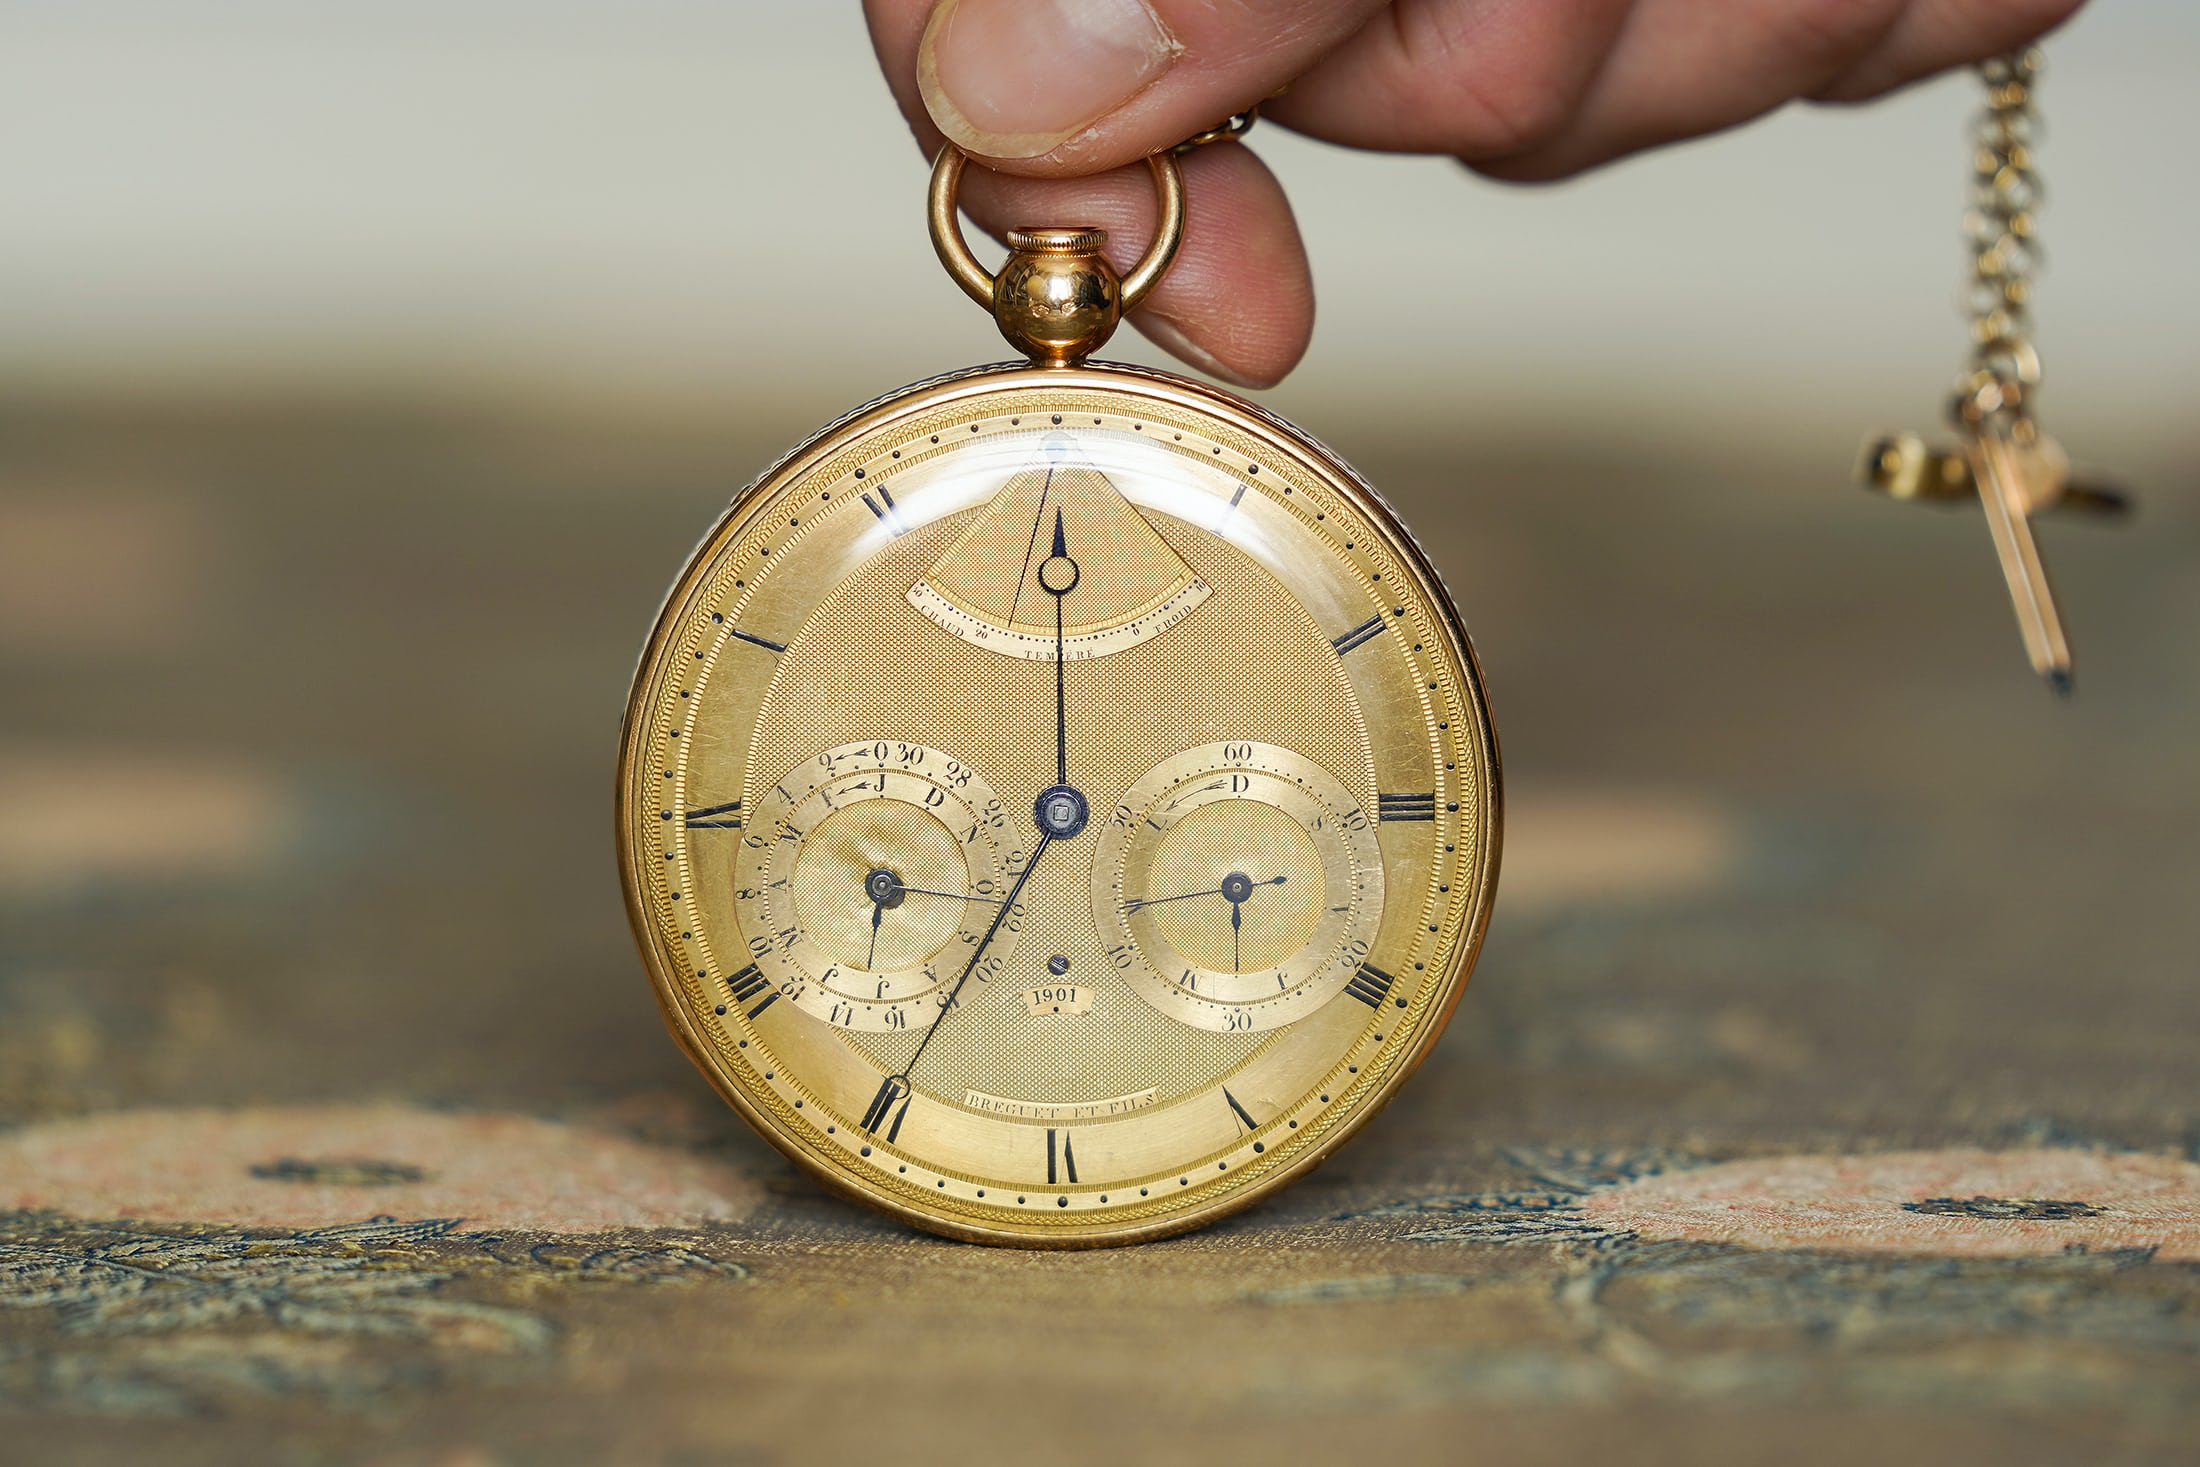 שעון קרוליין בונפרטה מספר 1806. מקור - Hodinkee.